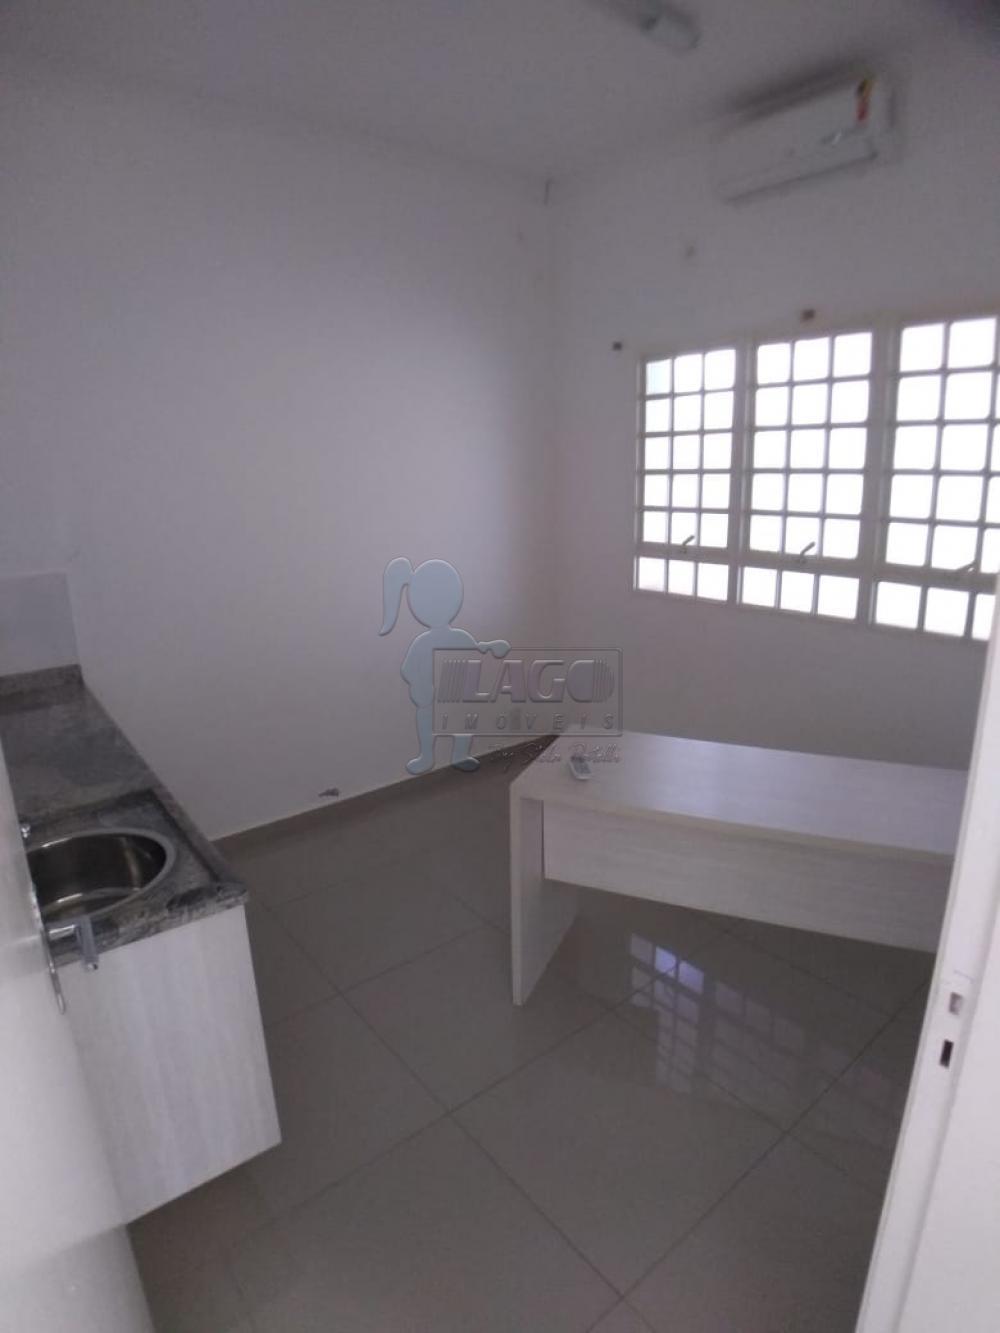 Alugar Comercial / Imóvel Comercial em Ribeirão Preto apenas R$ 3.500,00 - Foto 17